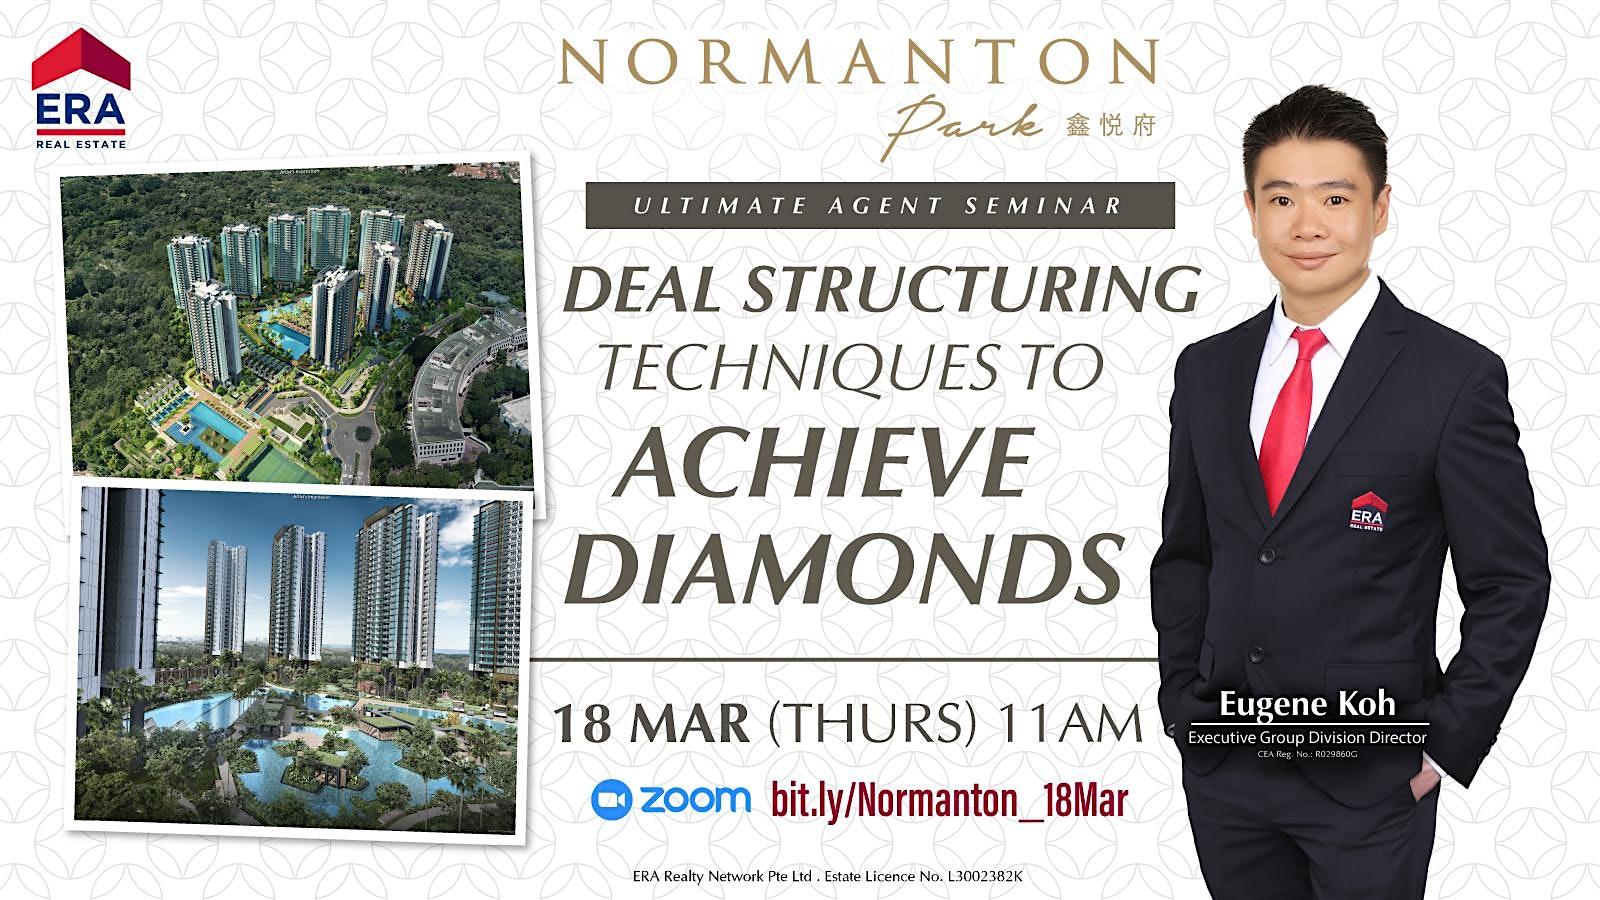 Deal Structuring Techniques To Achieve Diamonds (Normanton Park)